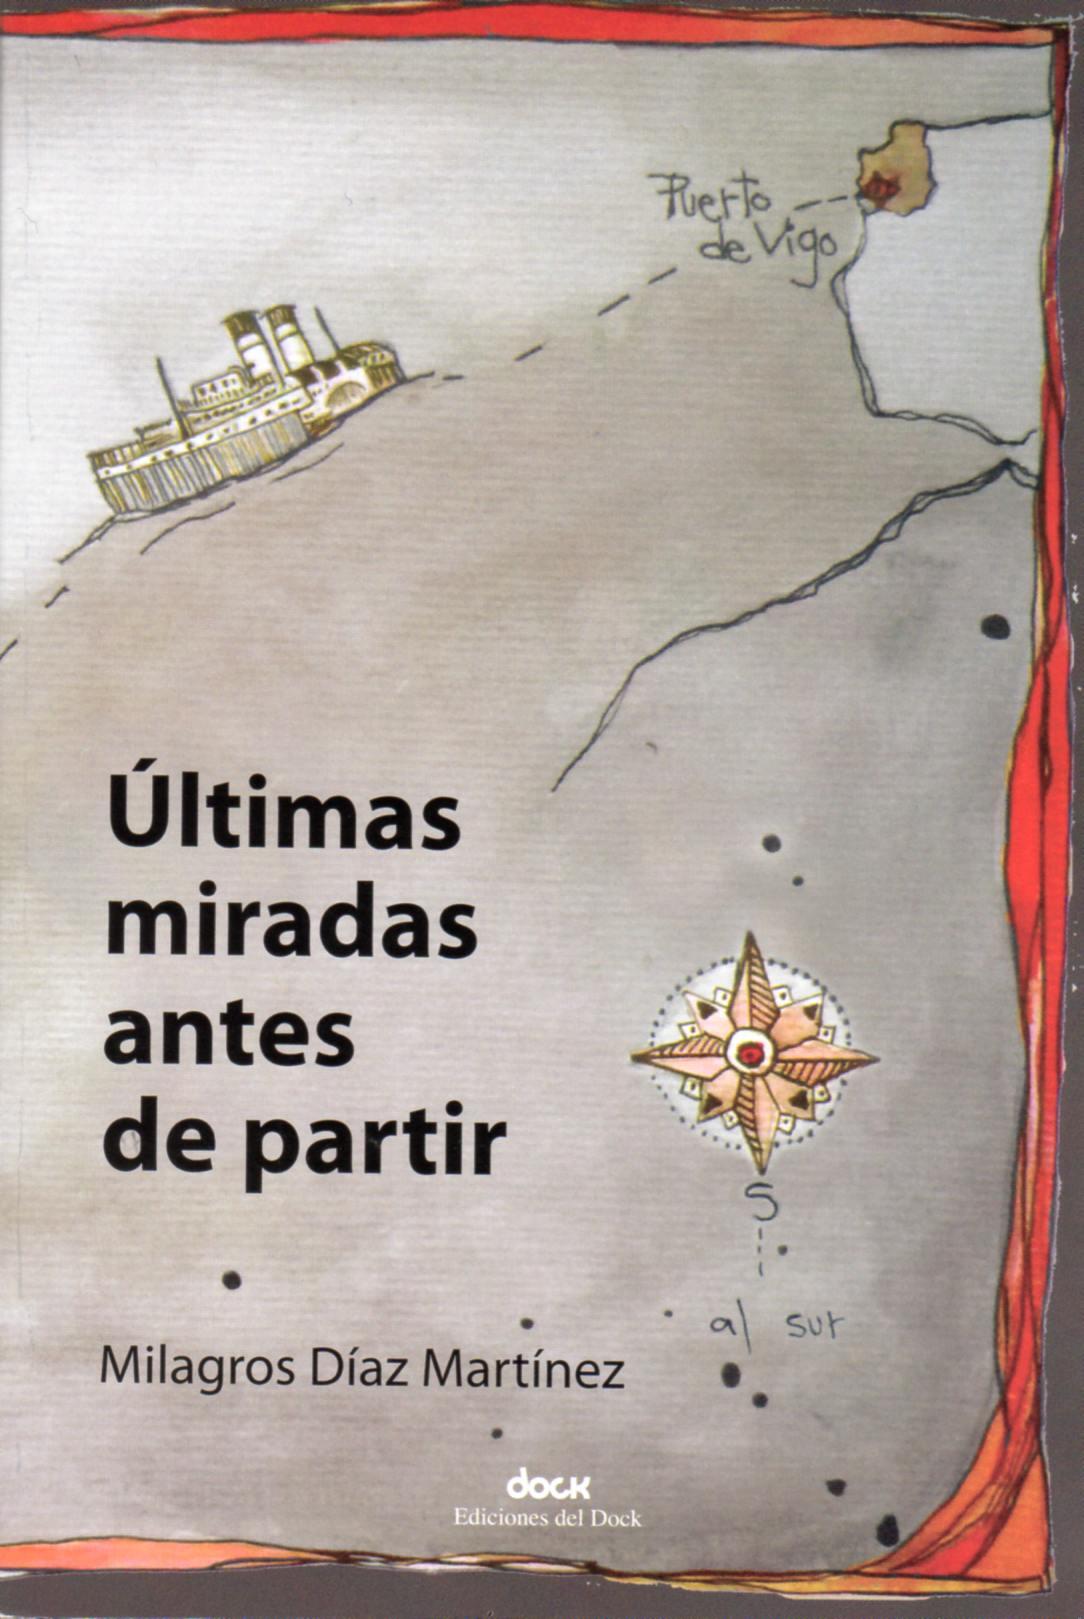 UltimasMiradas